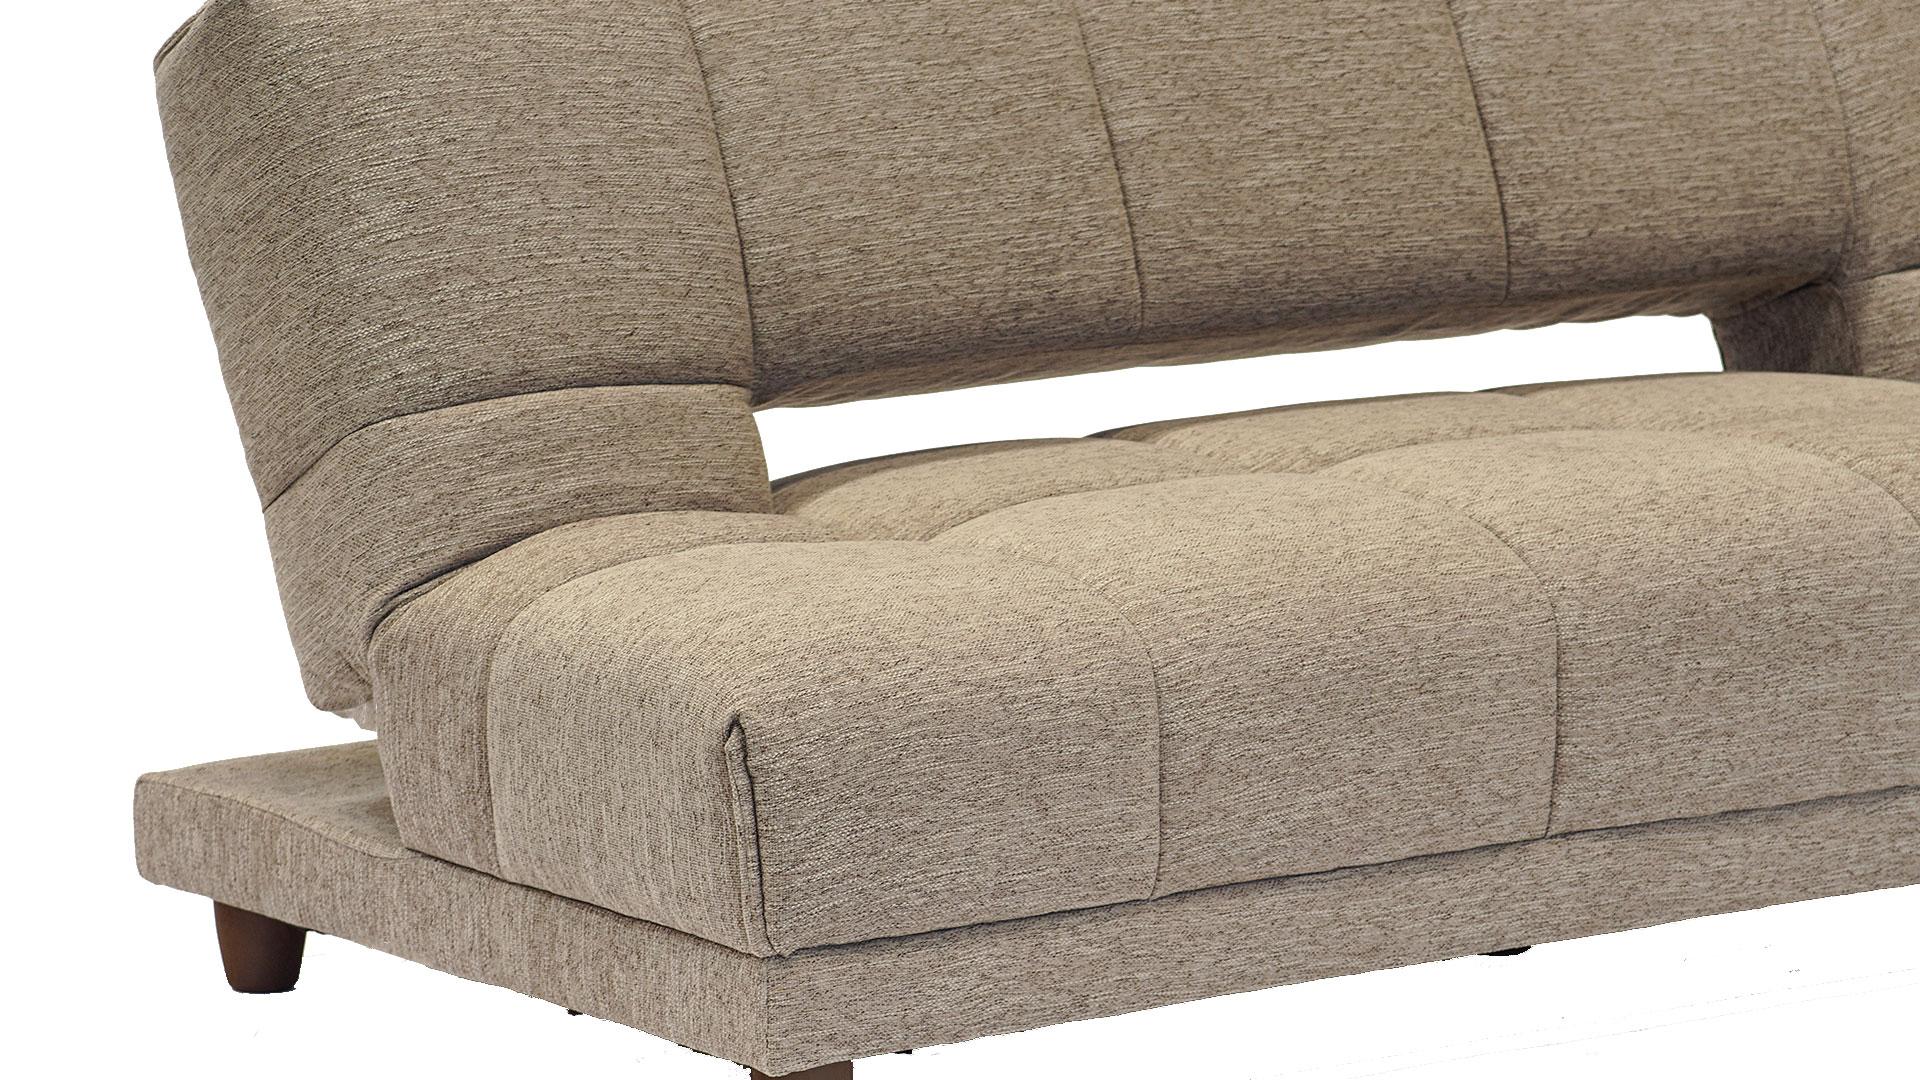 リビンズのソファーベッド「シャロン」のアップの画像